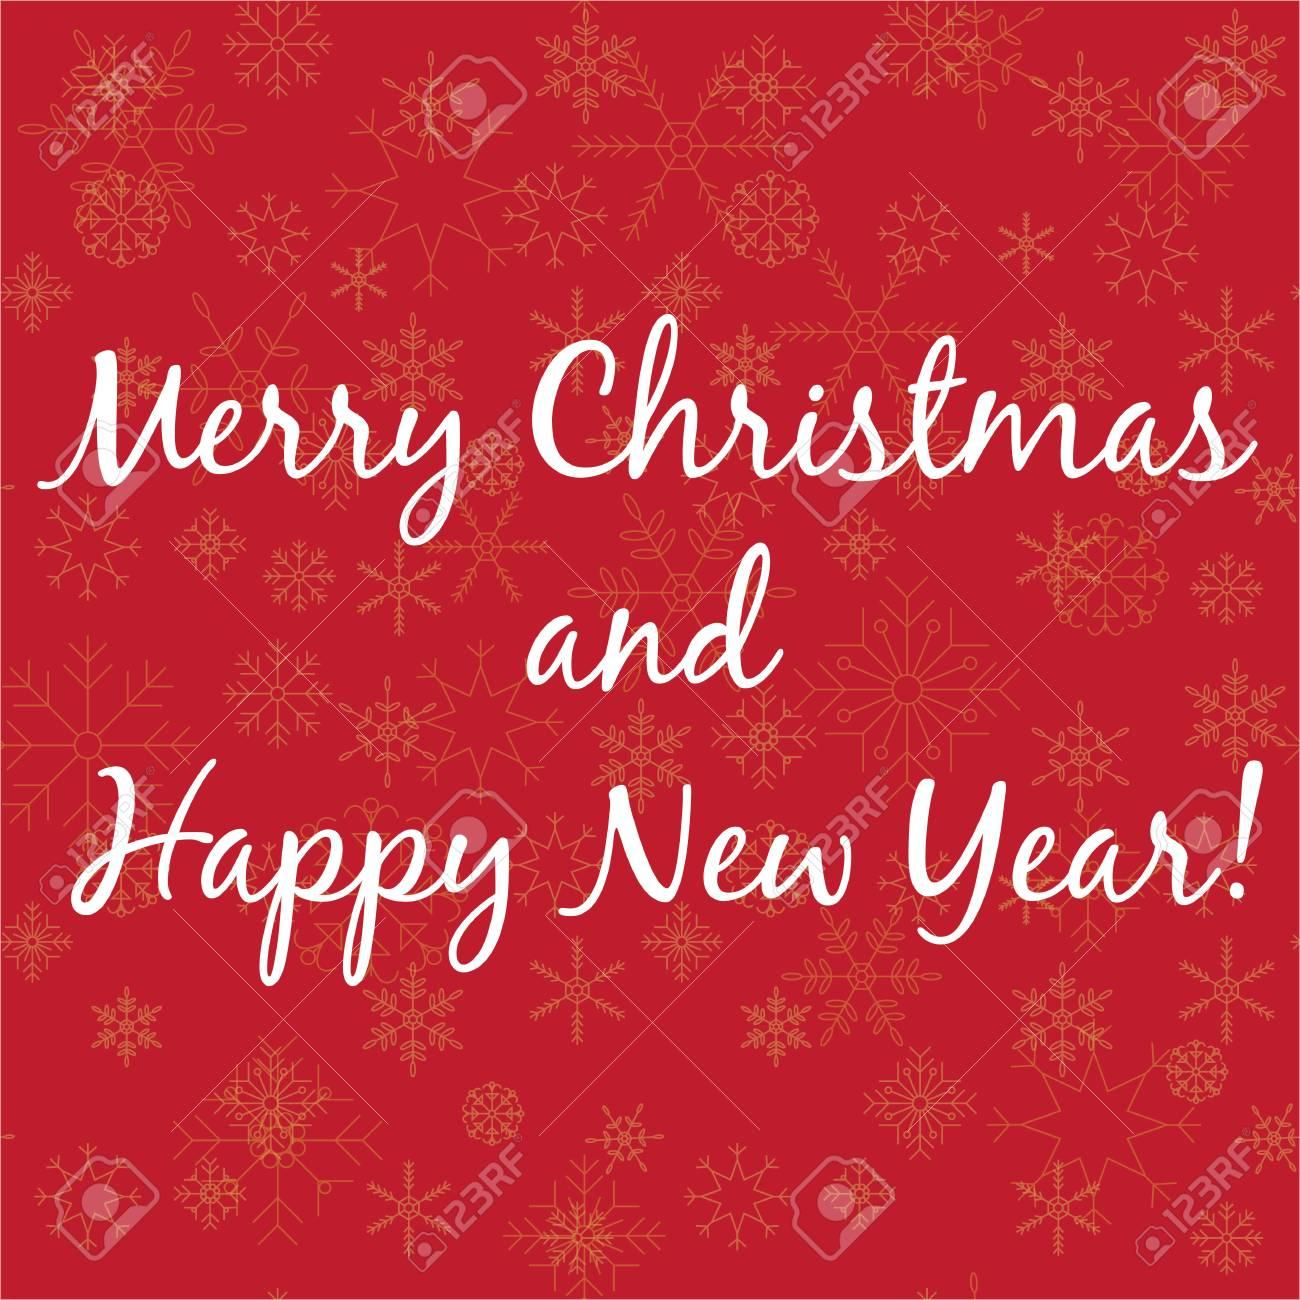 Plantilla Para Tarjetas De Navidad, Invitaciones, Fondos Y Mucho Más ...